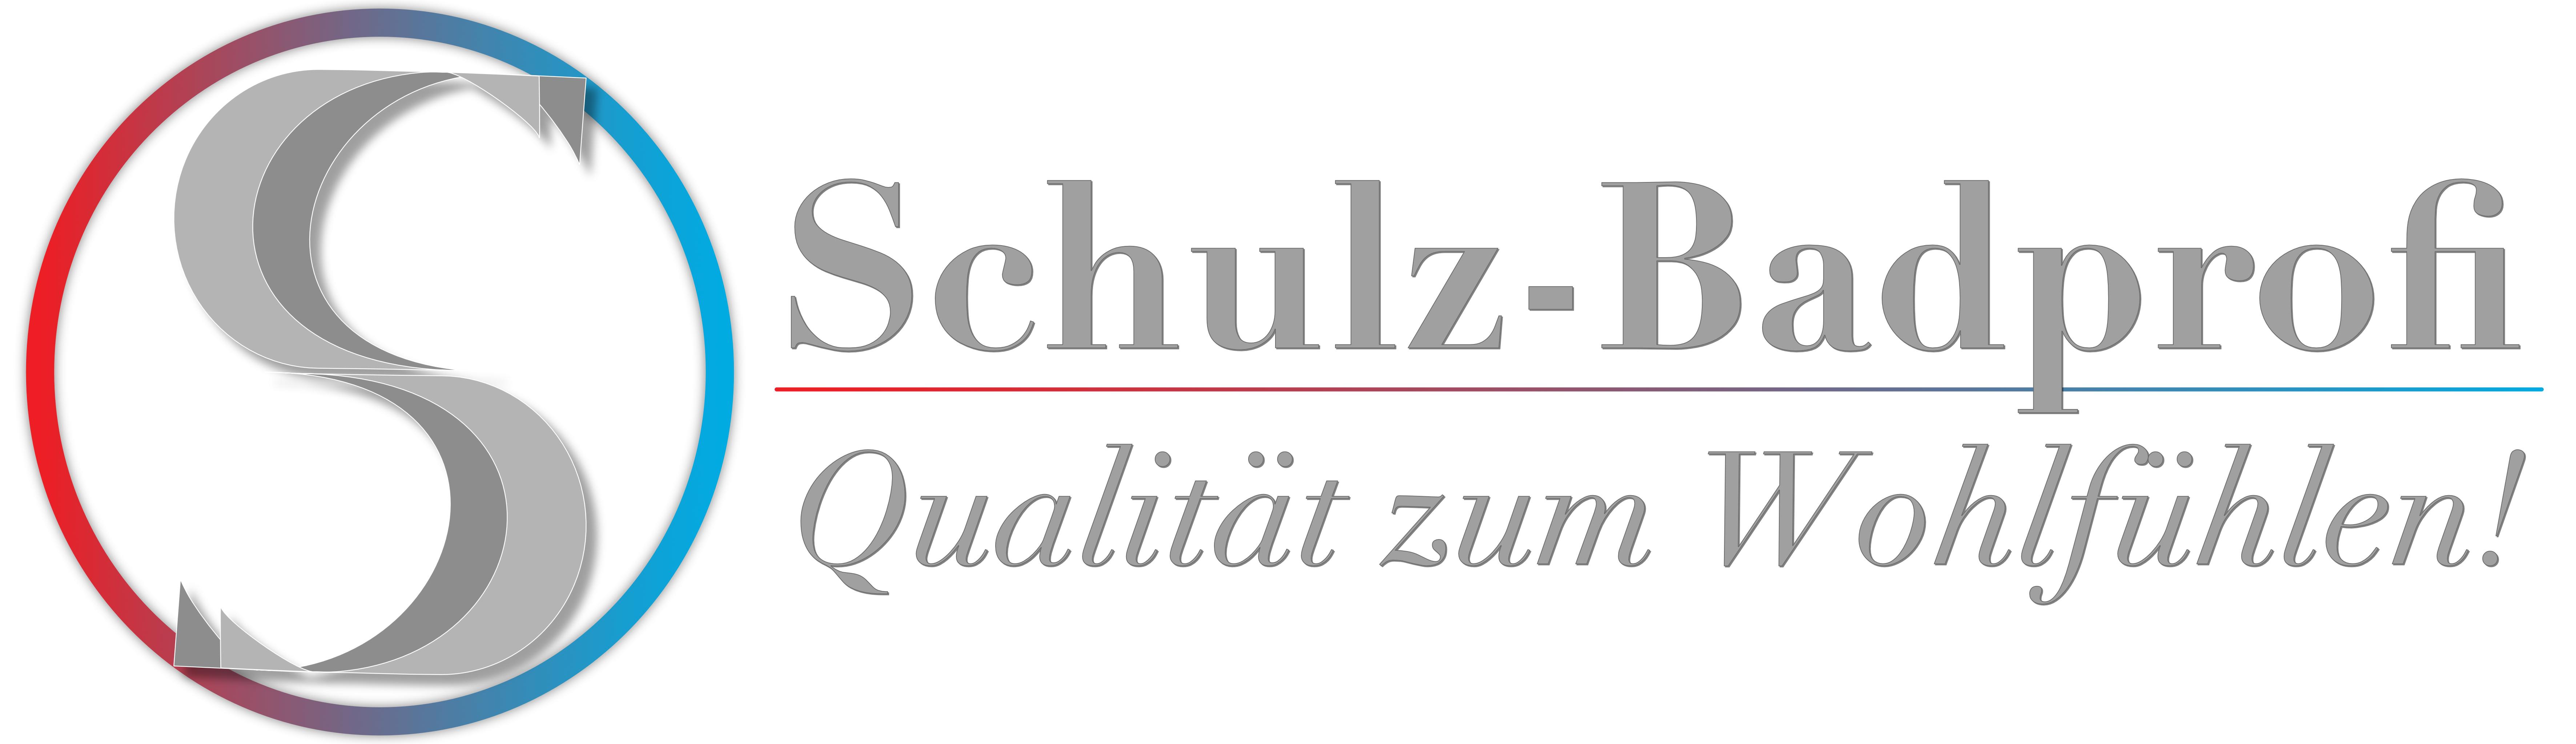 Schulz Badprofi-Logo